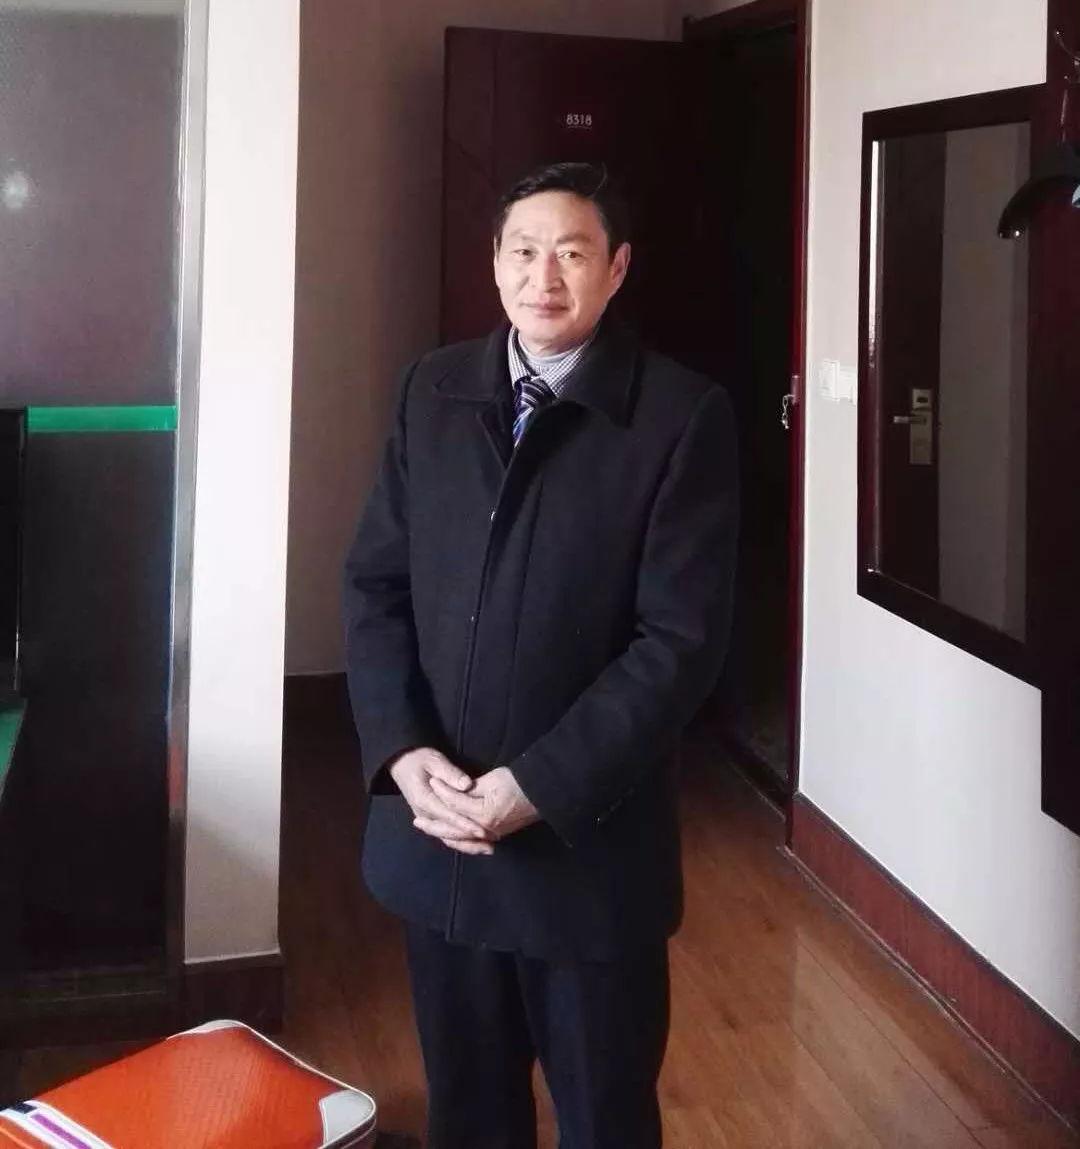 墨宝收藏签约艺术家:中国企业报道艺术资本会员 严坤明